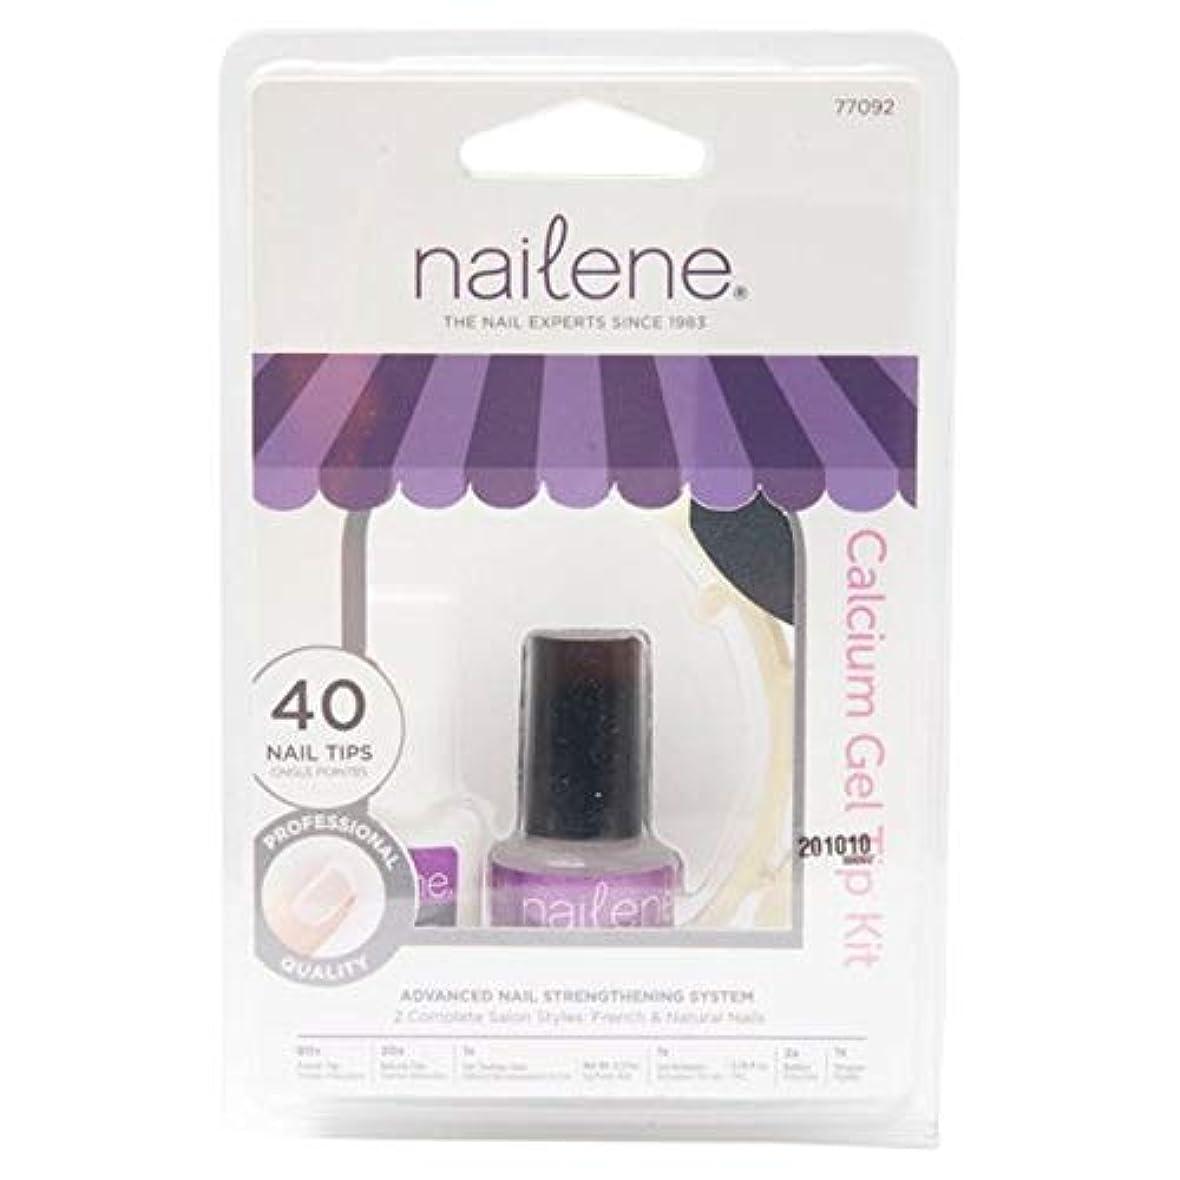 借りている該当する作詞家[Nailene] Naileneカルシウムゲルキット77092 - Nailene Calcium Gel Kit 77092 [並行輸入品]